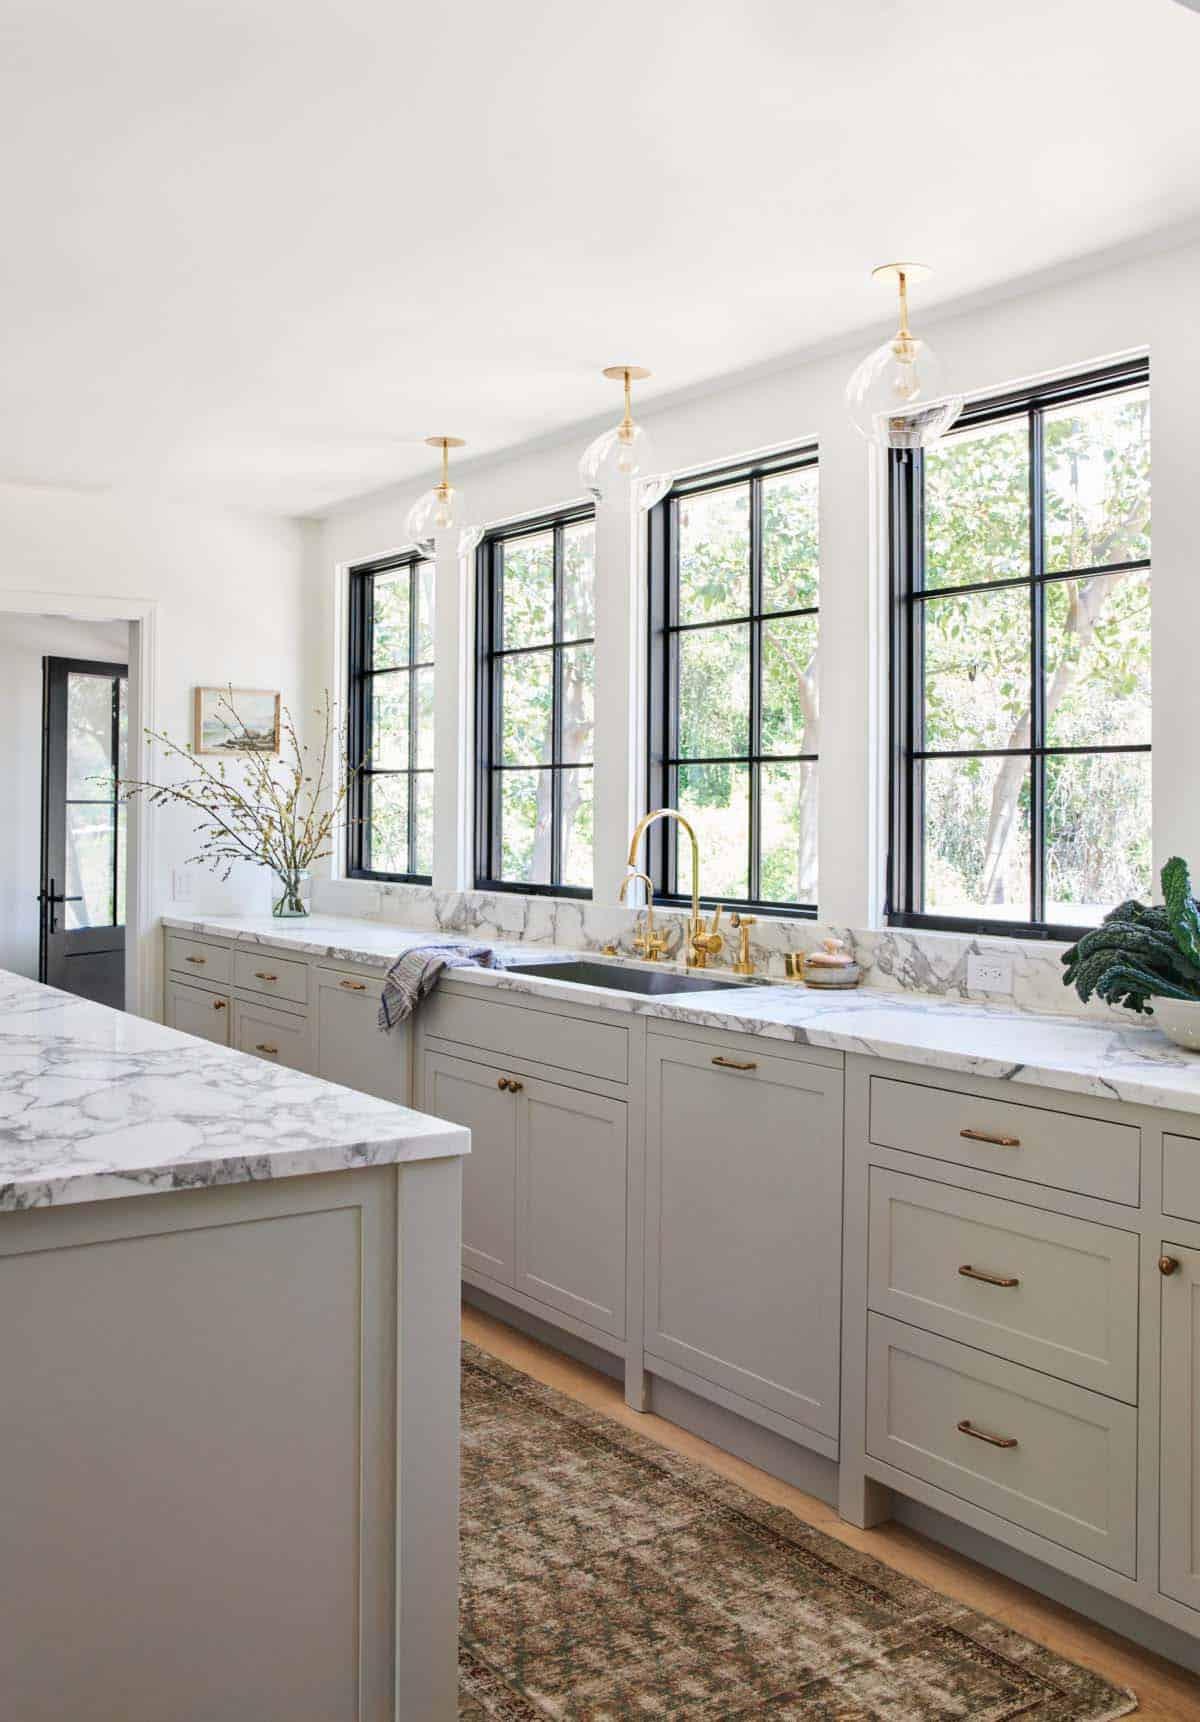 maison-de-rêve-cuisine-moderne-marbre